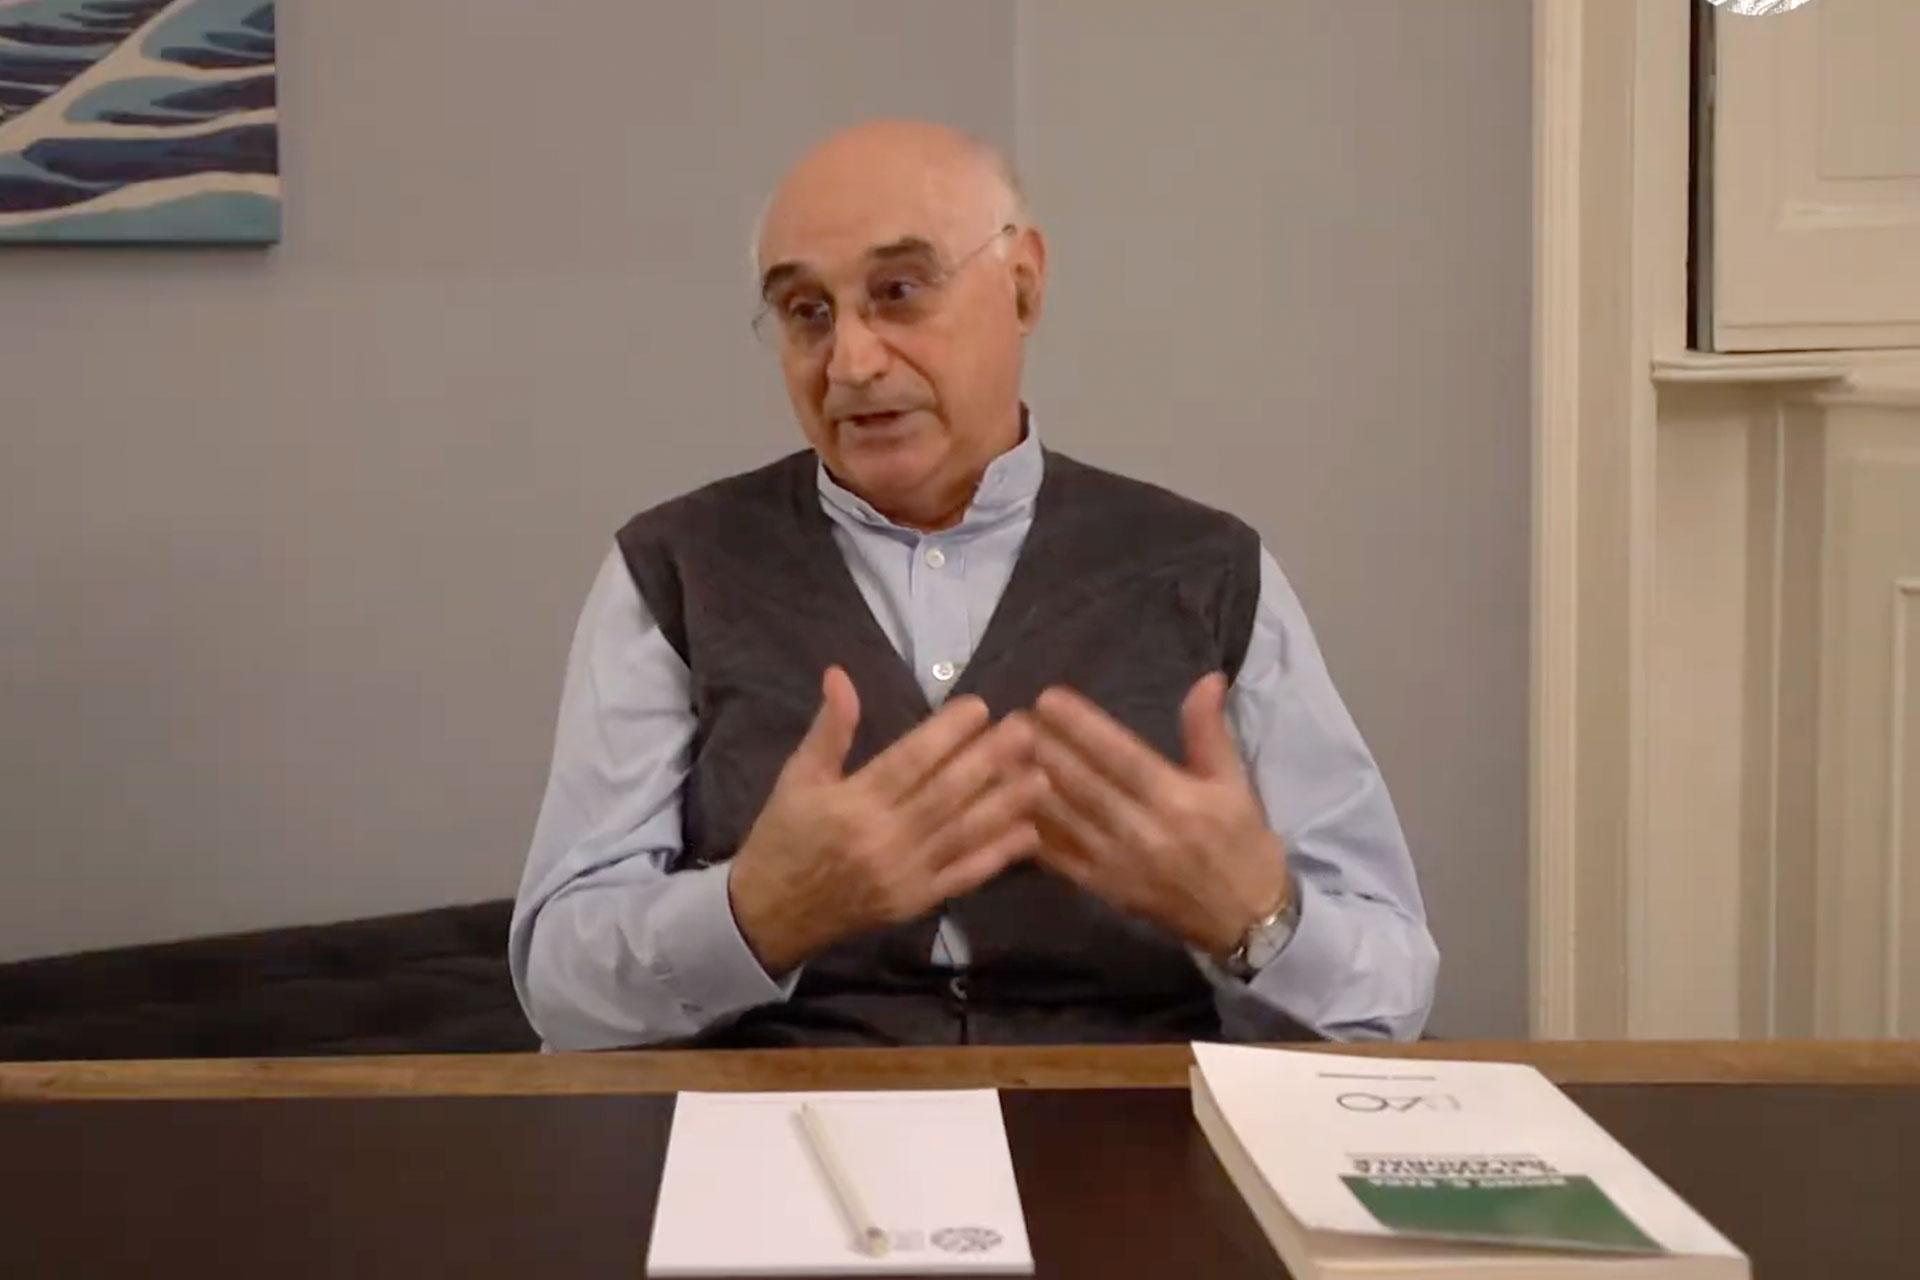 Intervista a Bruno G. Bara<br>con partecipazione gratuita